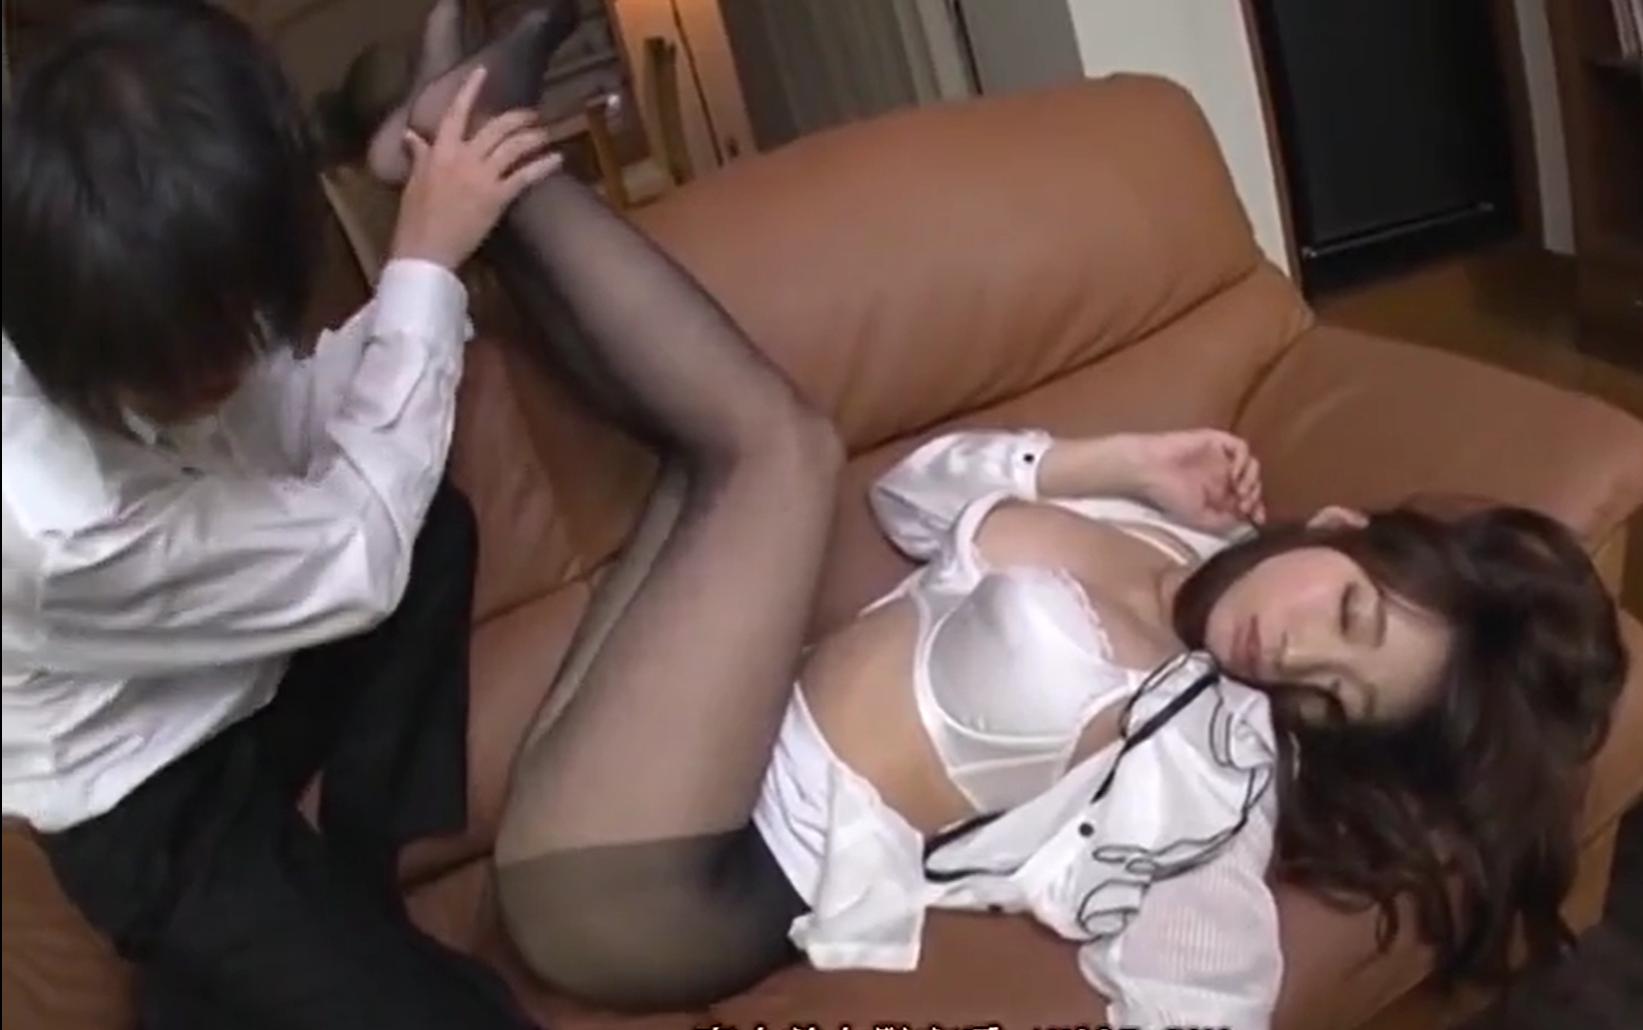 【※中出しレイプ※】美人同僚OLを眠らせ着衣のまま犯す!黒タイツを破き無理やり生挿入…!蓮実クレア